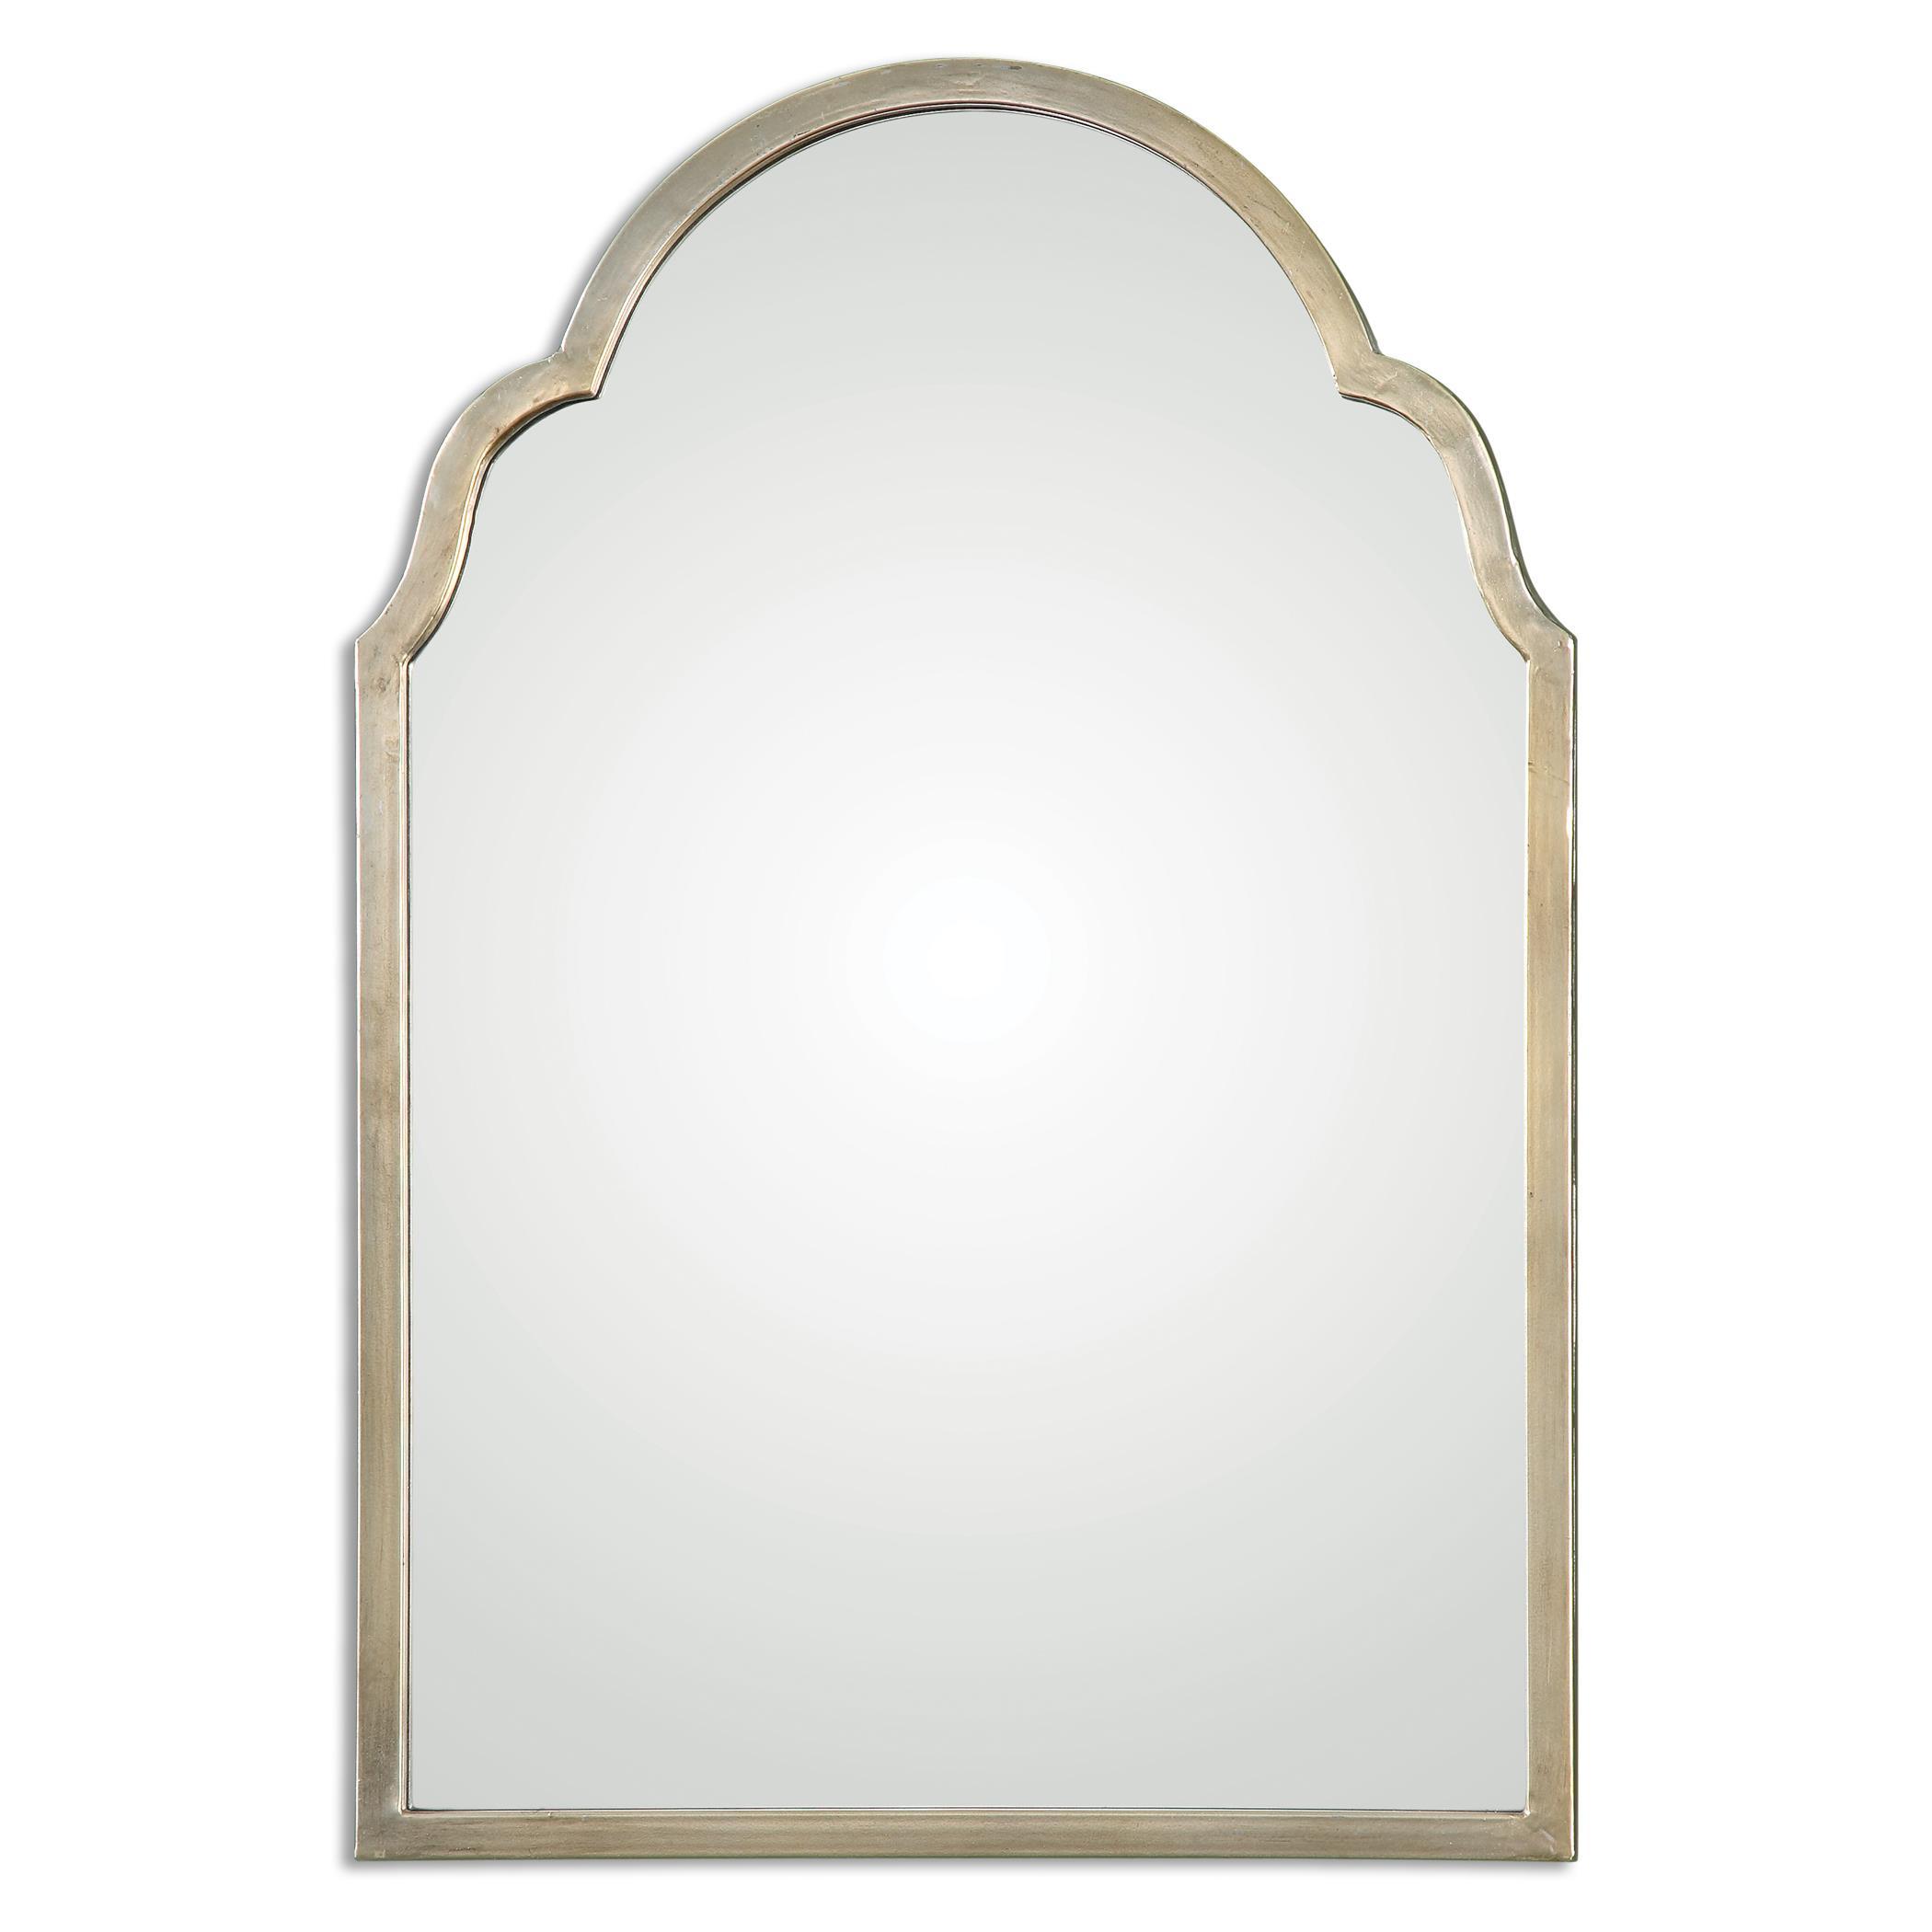 Uttermost Mirrors Brayden Petite Silver Arch Mirror - Item Number: 12906